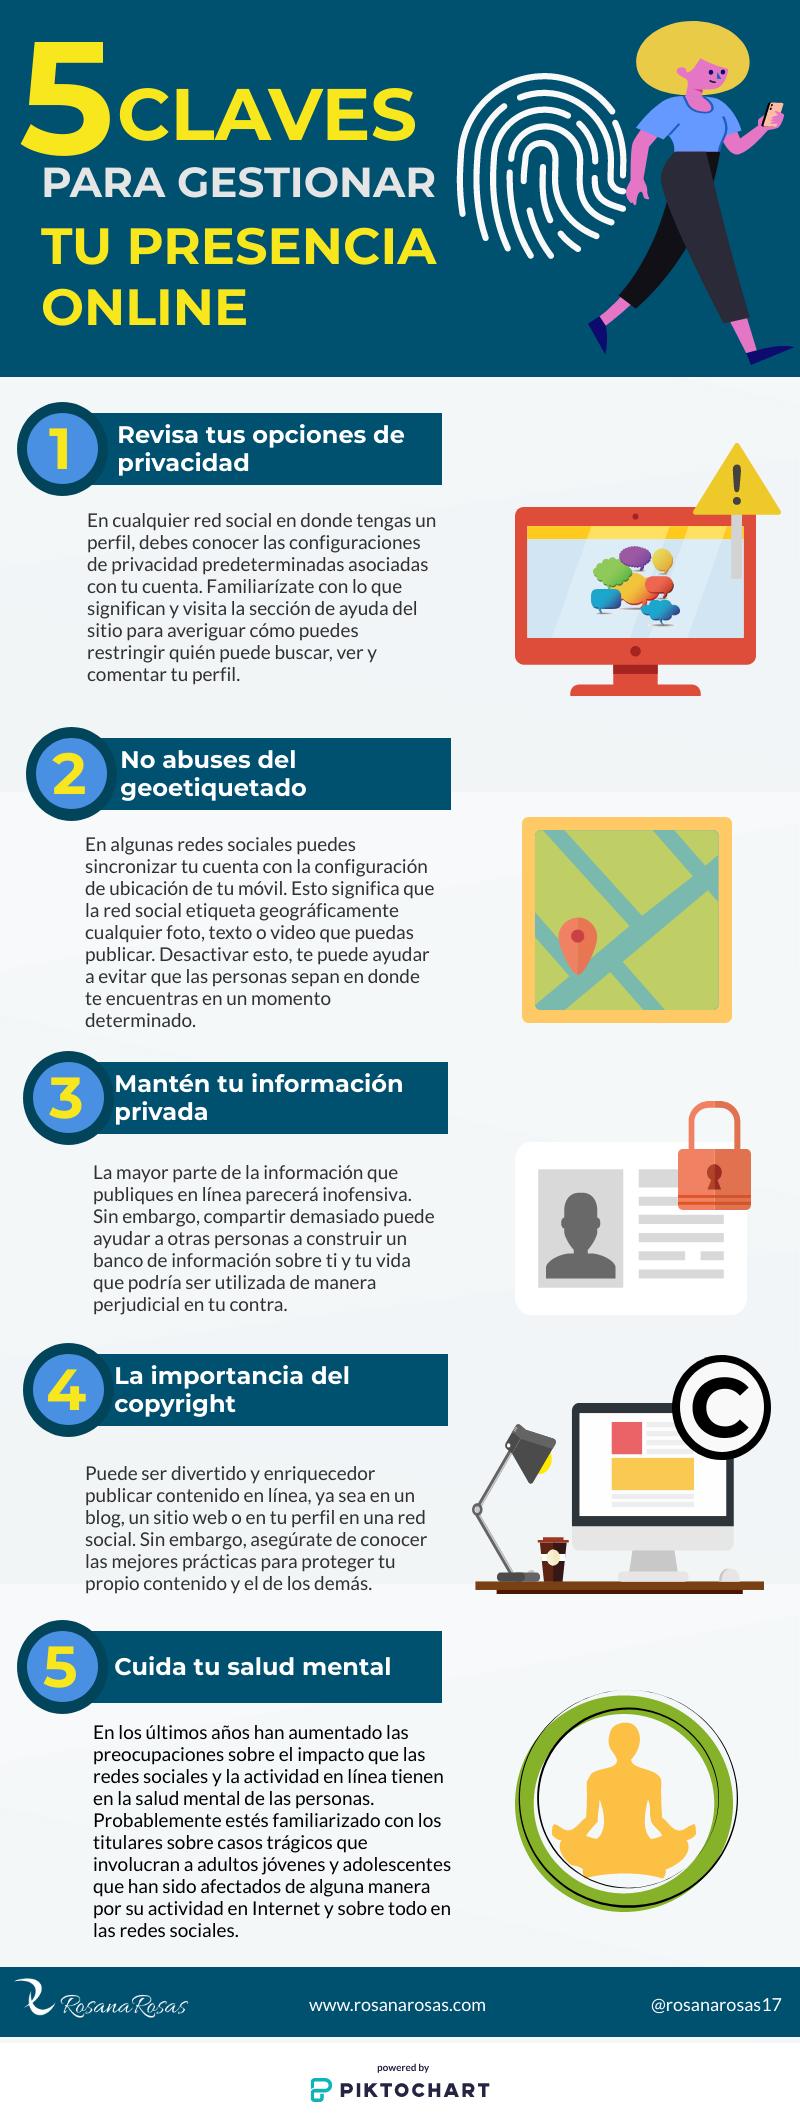 5 Claves pars Gestionar tu Presencia Online